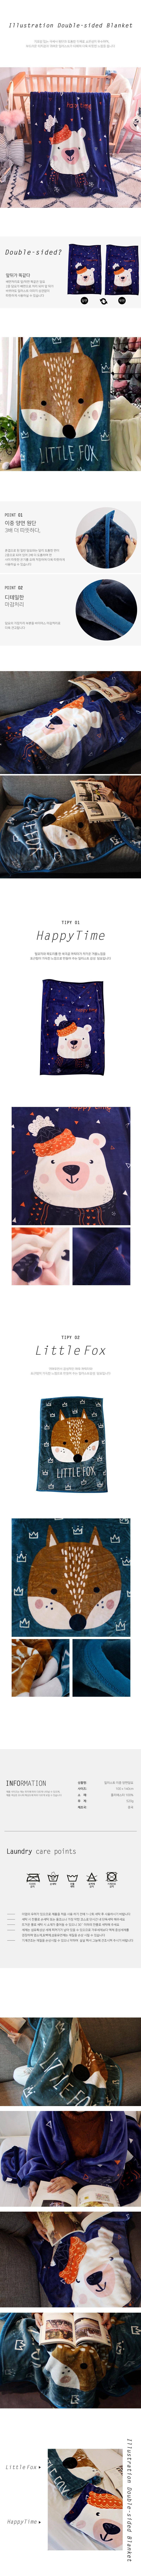 리틀팍스 극세사 밍크 이중 양면 담요 블랑켓 100x140cm - 디자인에버, 15,800원, 담요/블랑켓, 캐릭터/일러스트